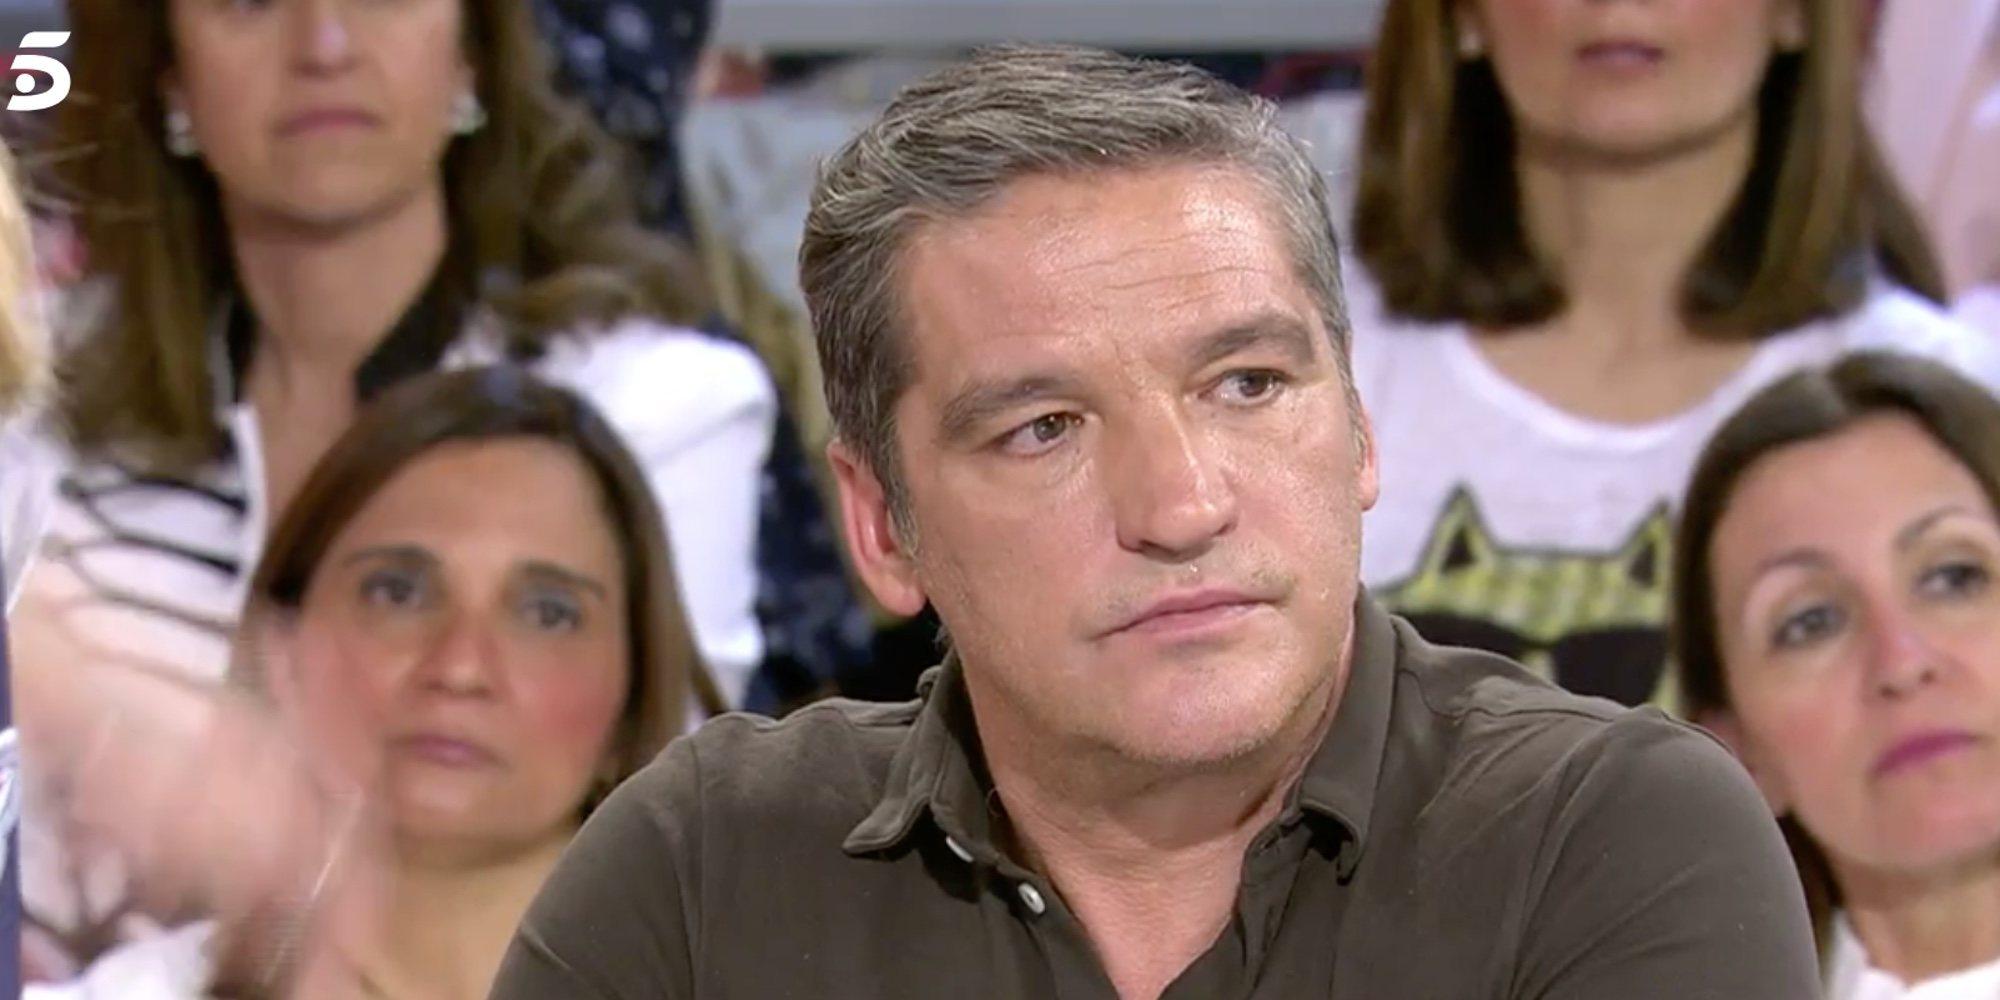 Gustavo Gonzalez asegura que no volverá a hablar ni de su exmujer ni de sus hijos